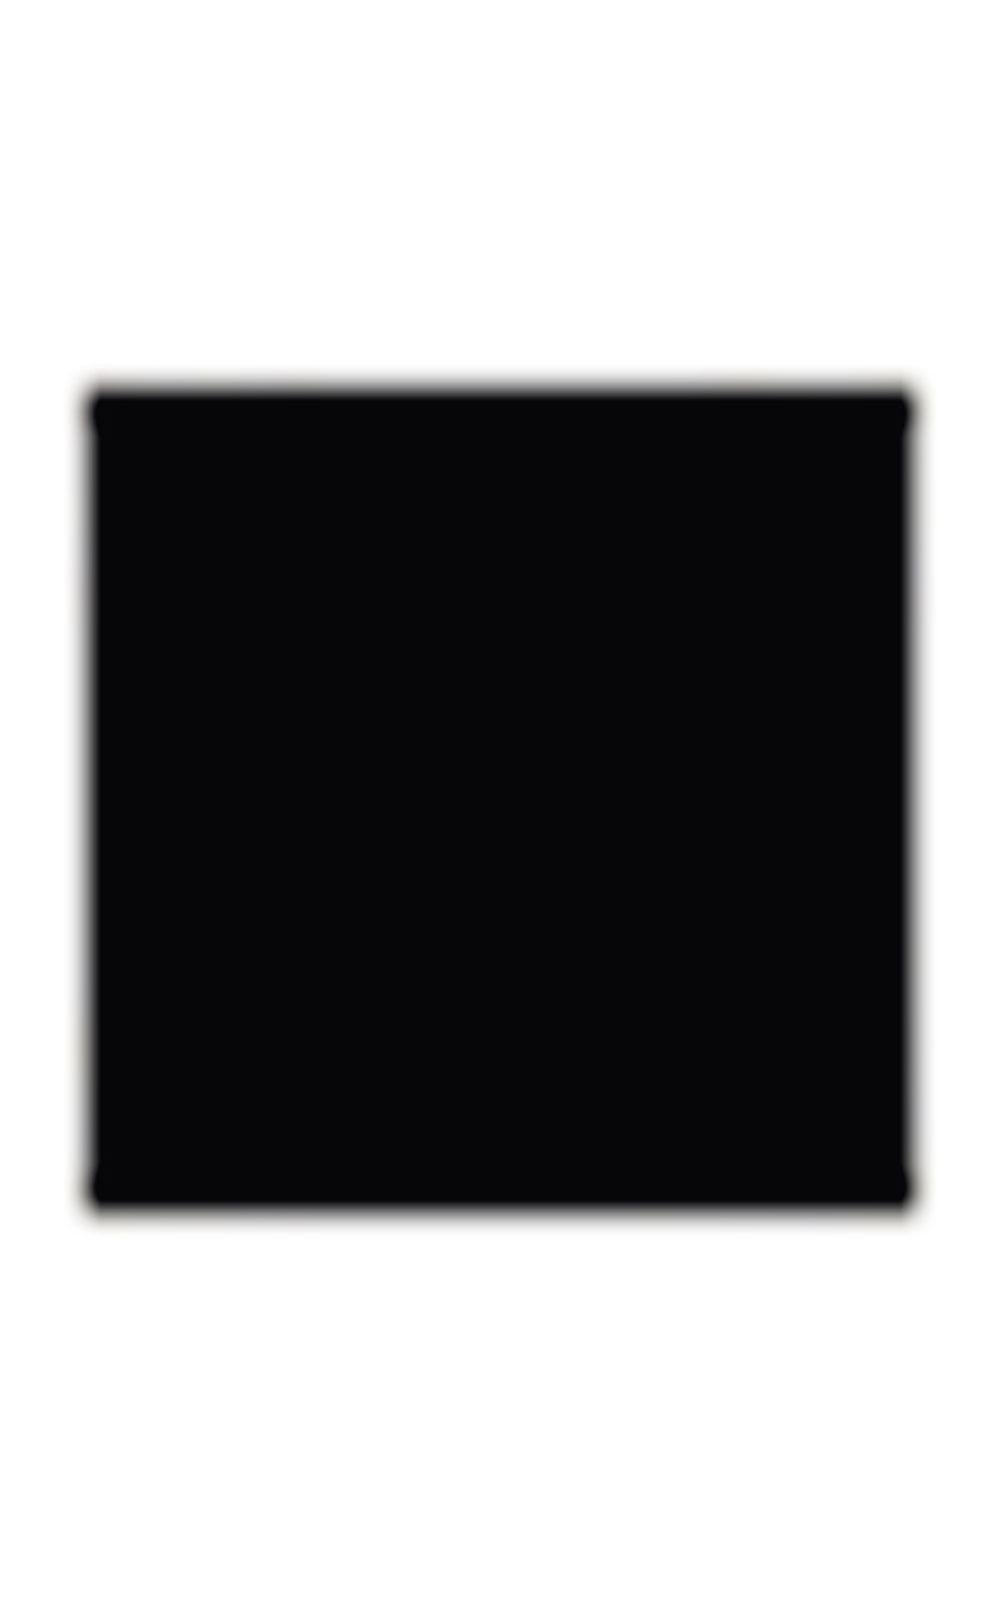 Foto 2 - Máscara para Cílios Gosh Copenhagen - Amazing Length N Build - Black